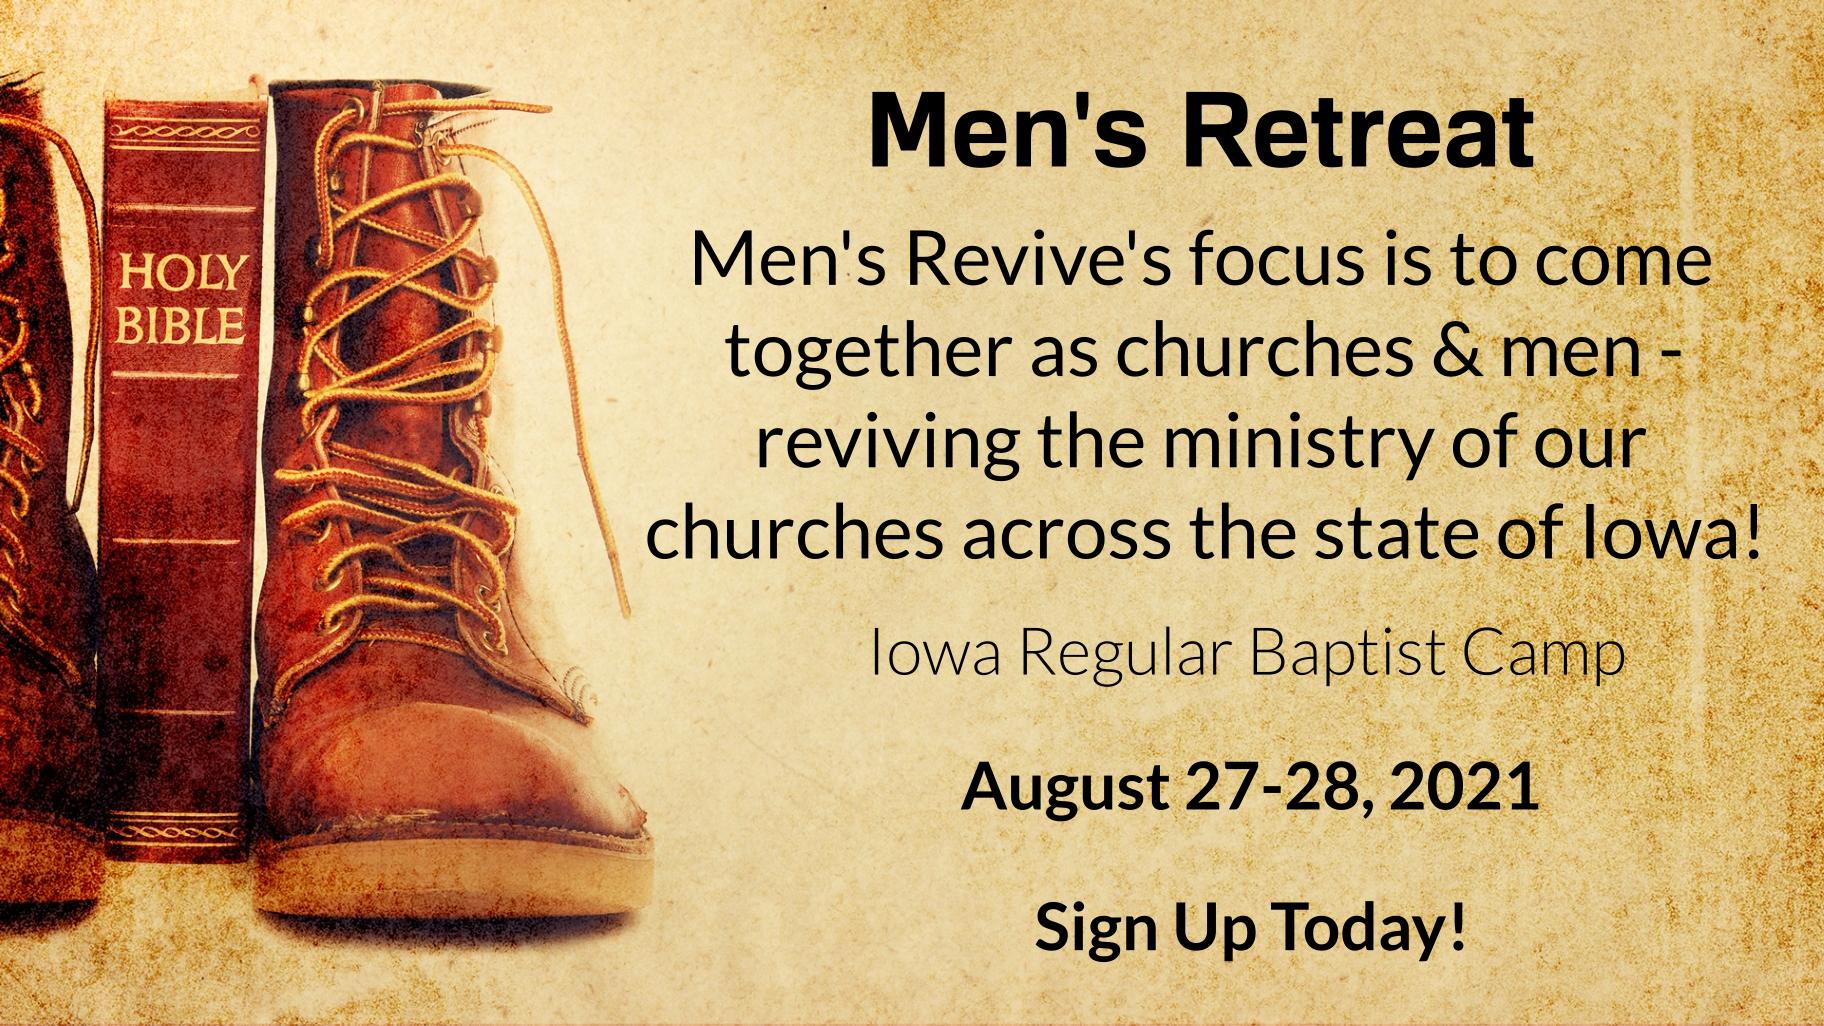 Men's Retreat at IRBC